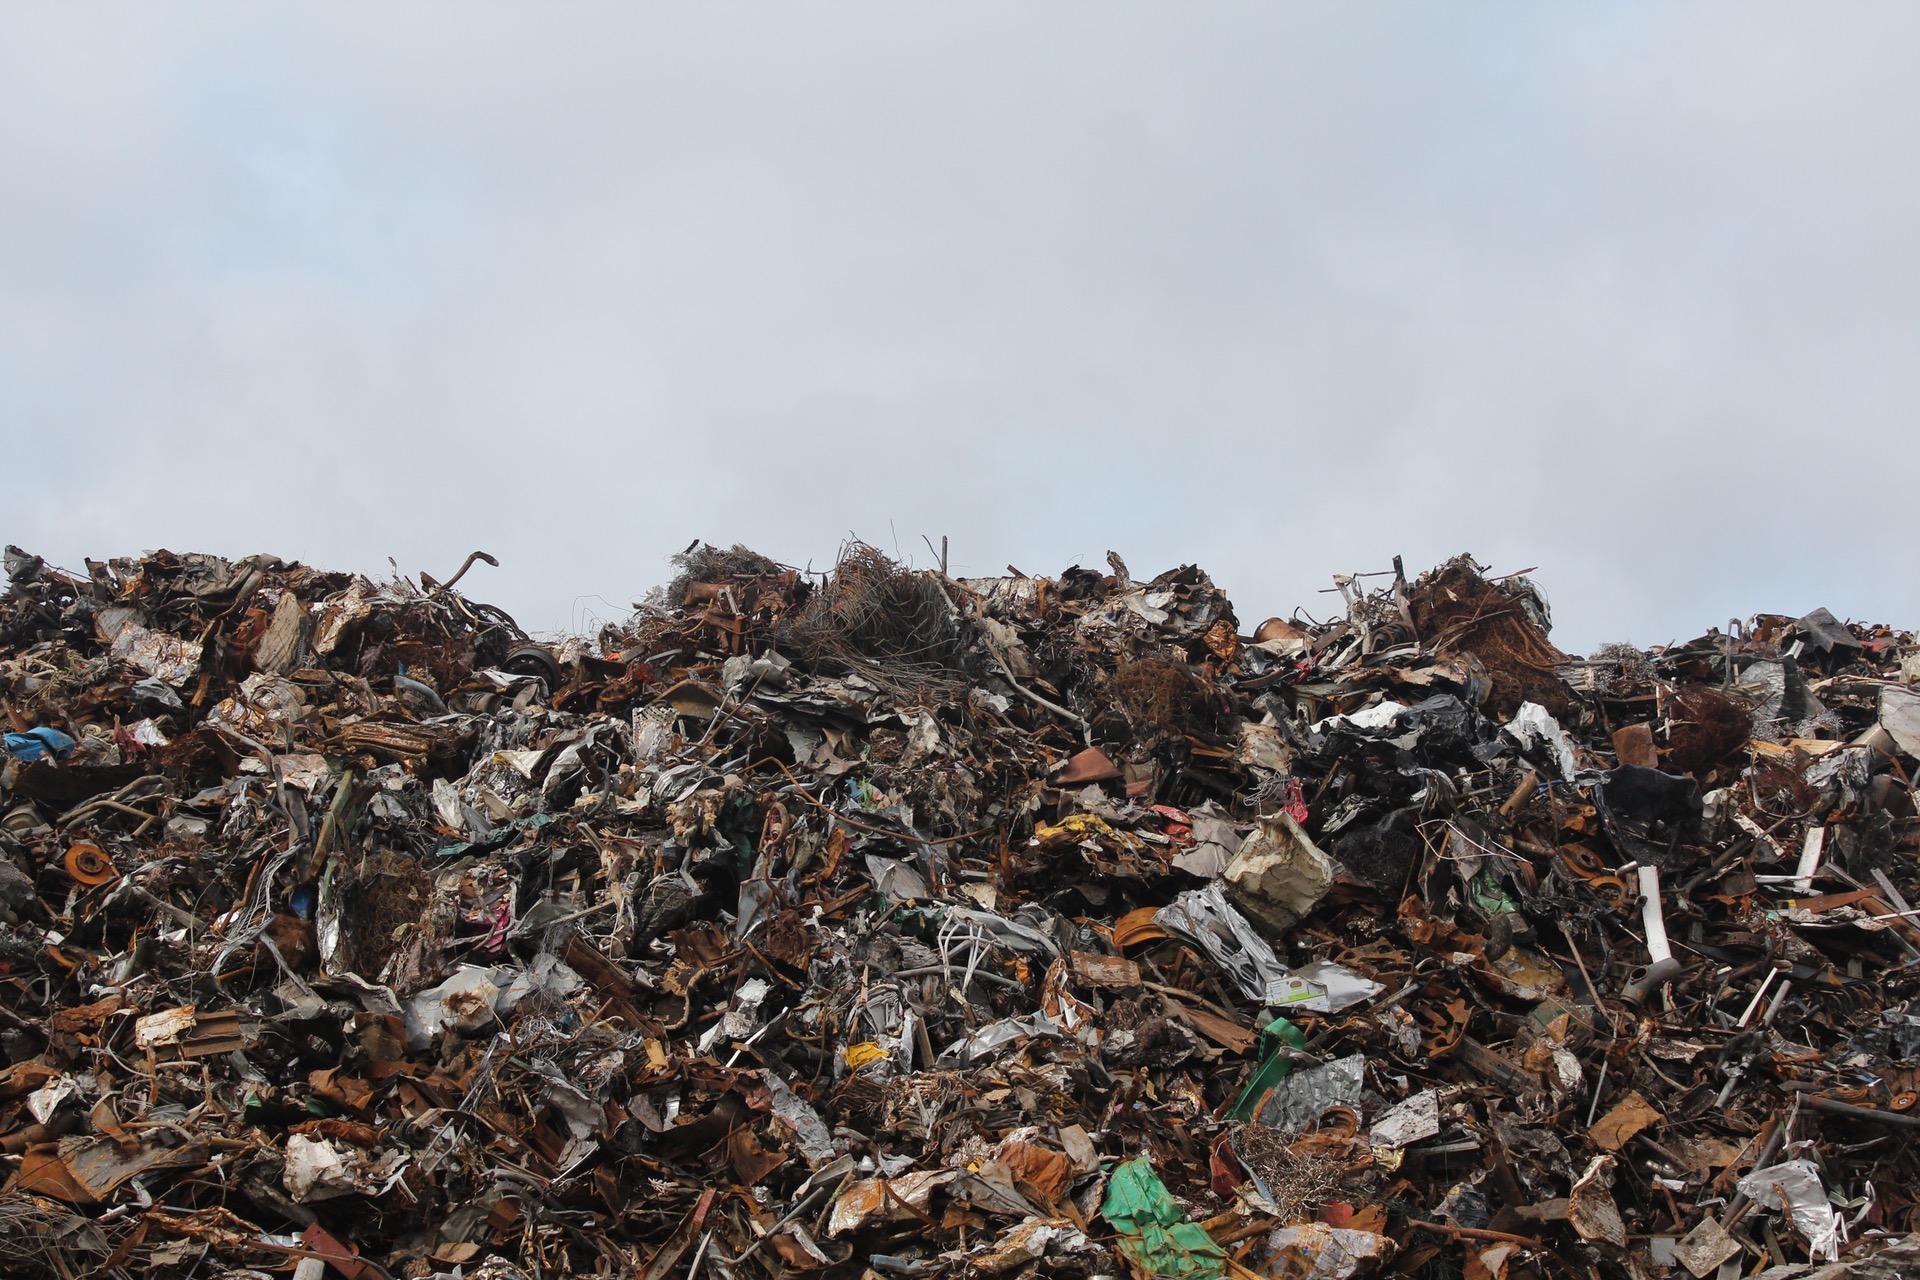 pexels-skraphaug-metall-landfill-søppel